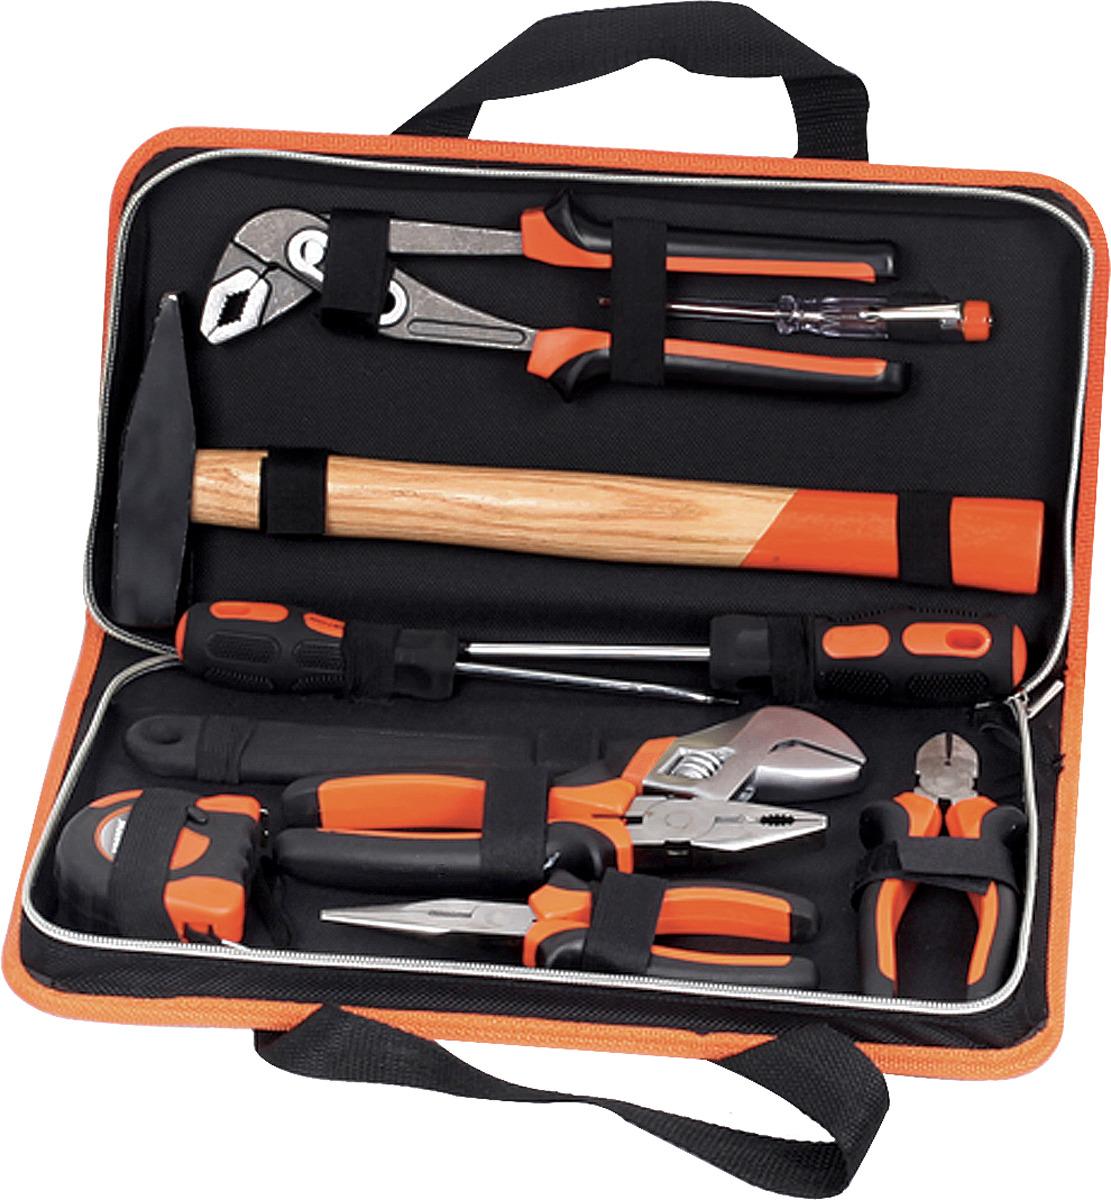 Набор слесарного инструмента Кратон ST-06/10 набор инструмента partner pa 509lb